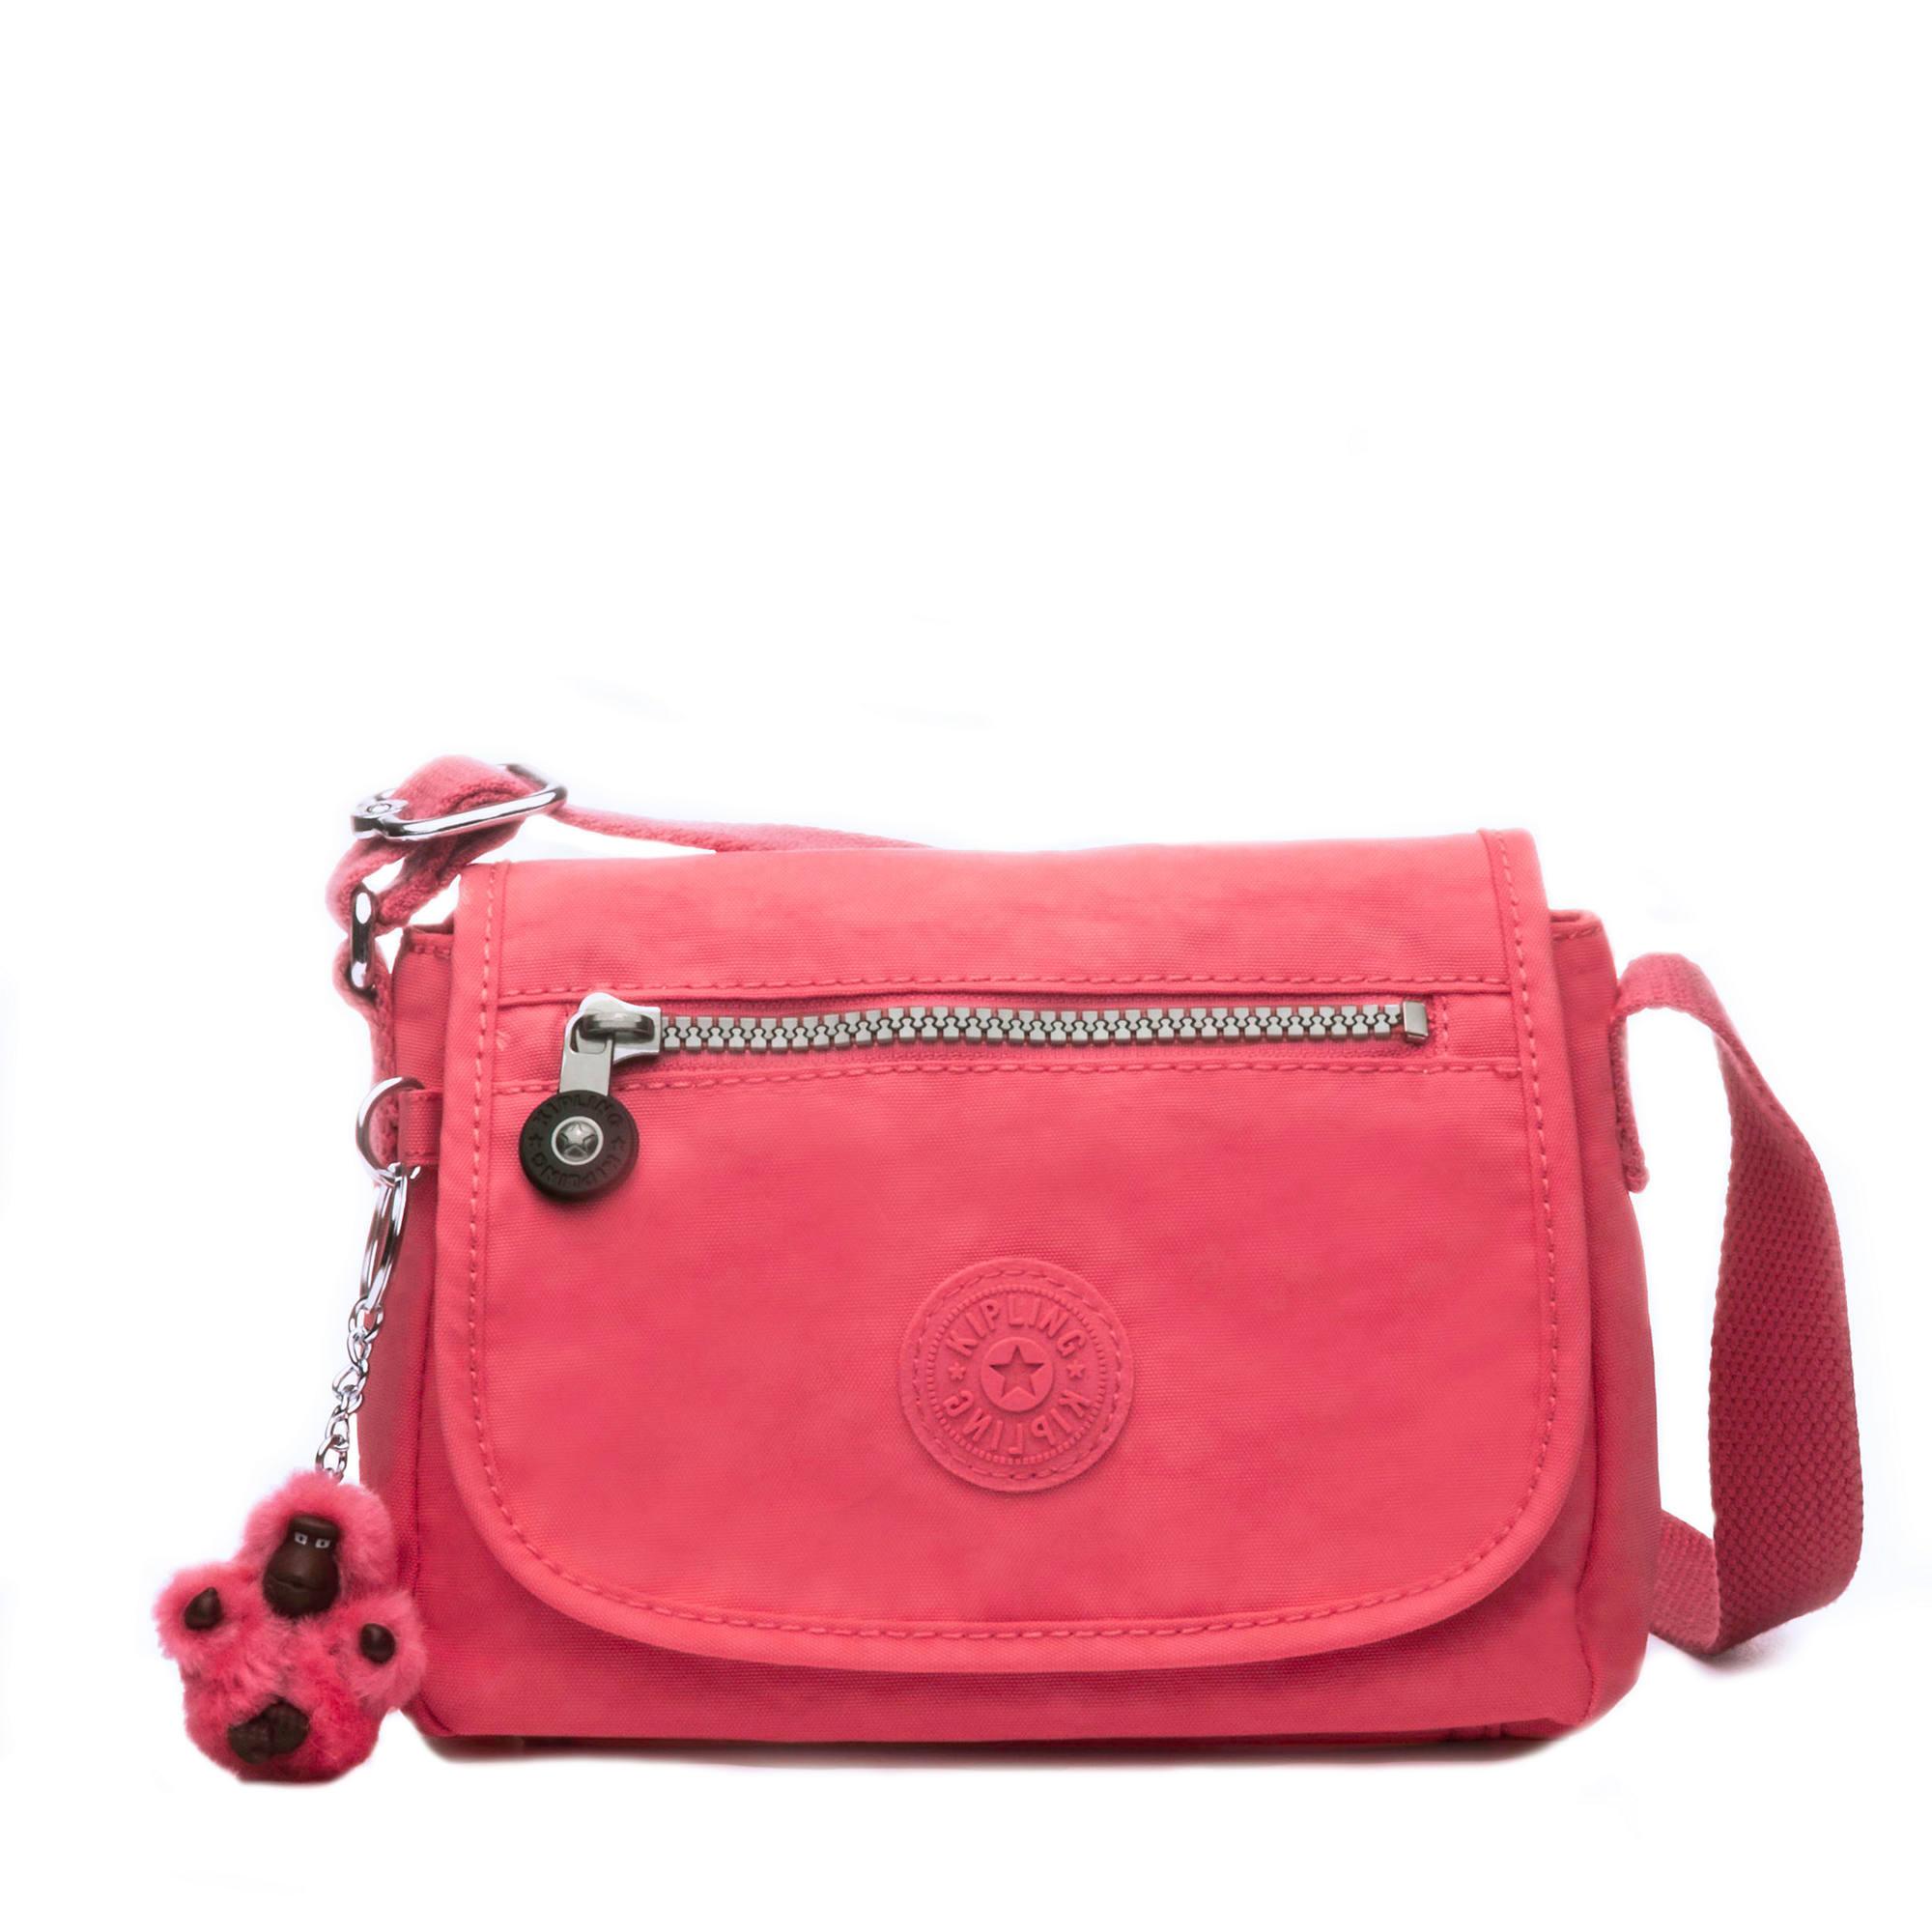 8bb3d1b7c Sabian Crossbody Mini Bag,Grapefruit Classic,large